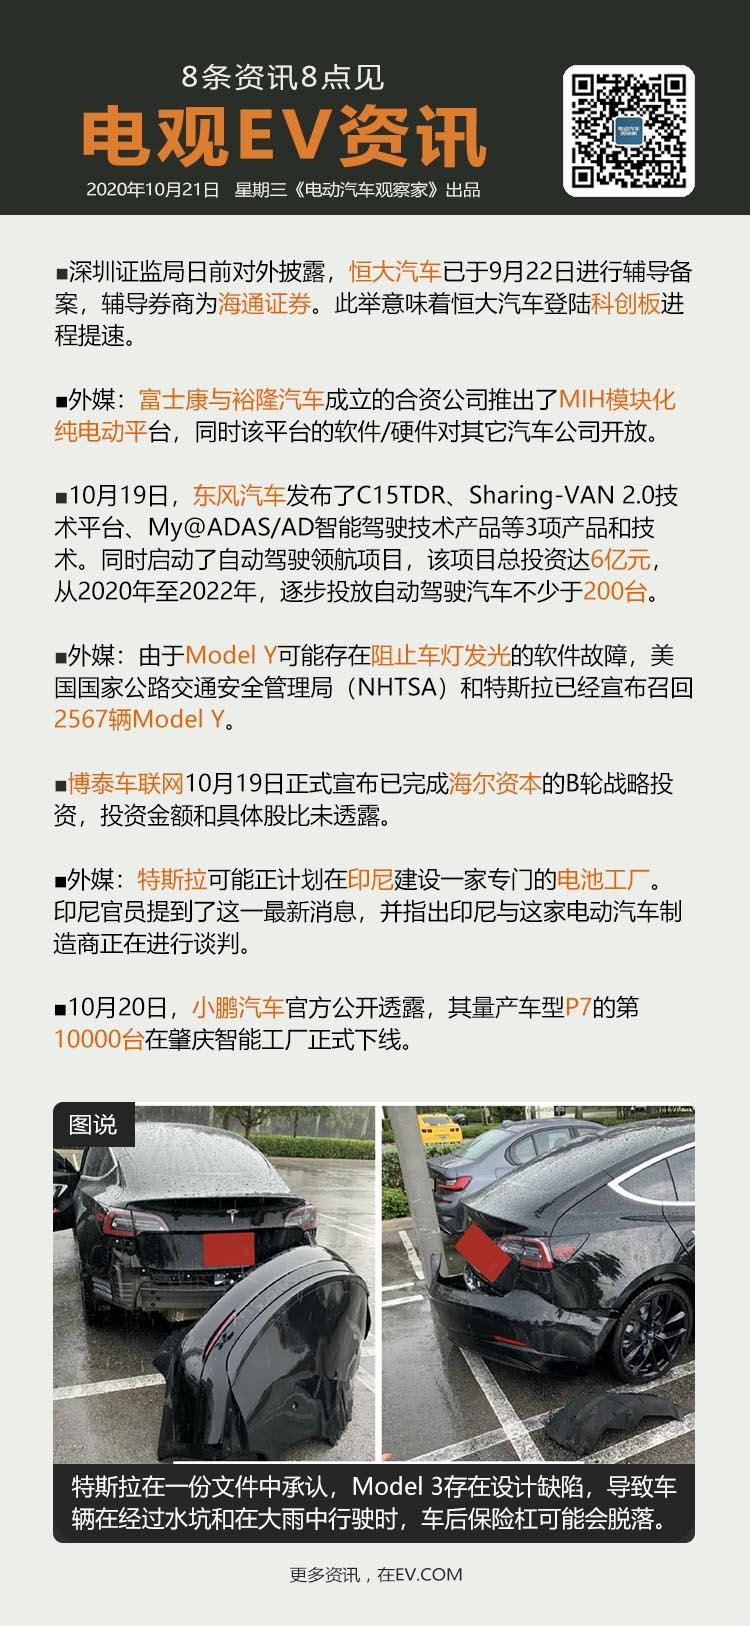 10月21日:恒大汽车启动科创板上市辅导、富士康推出MIH纯电动平台、东风启动自...